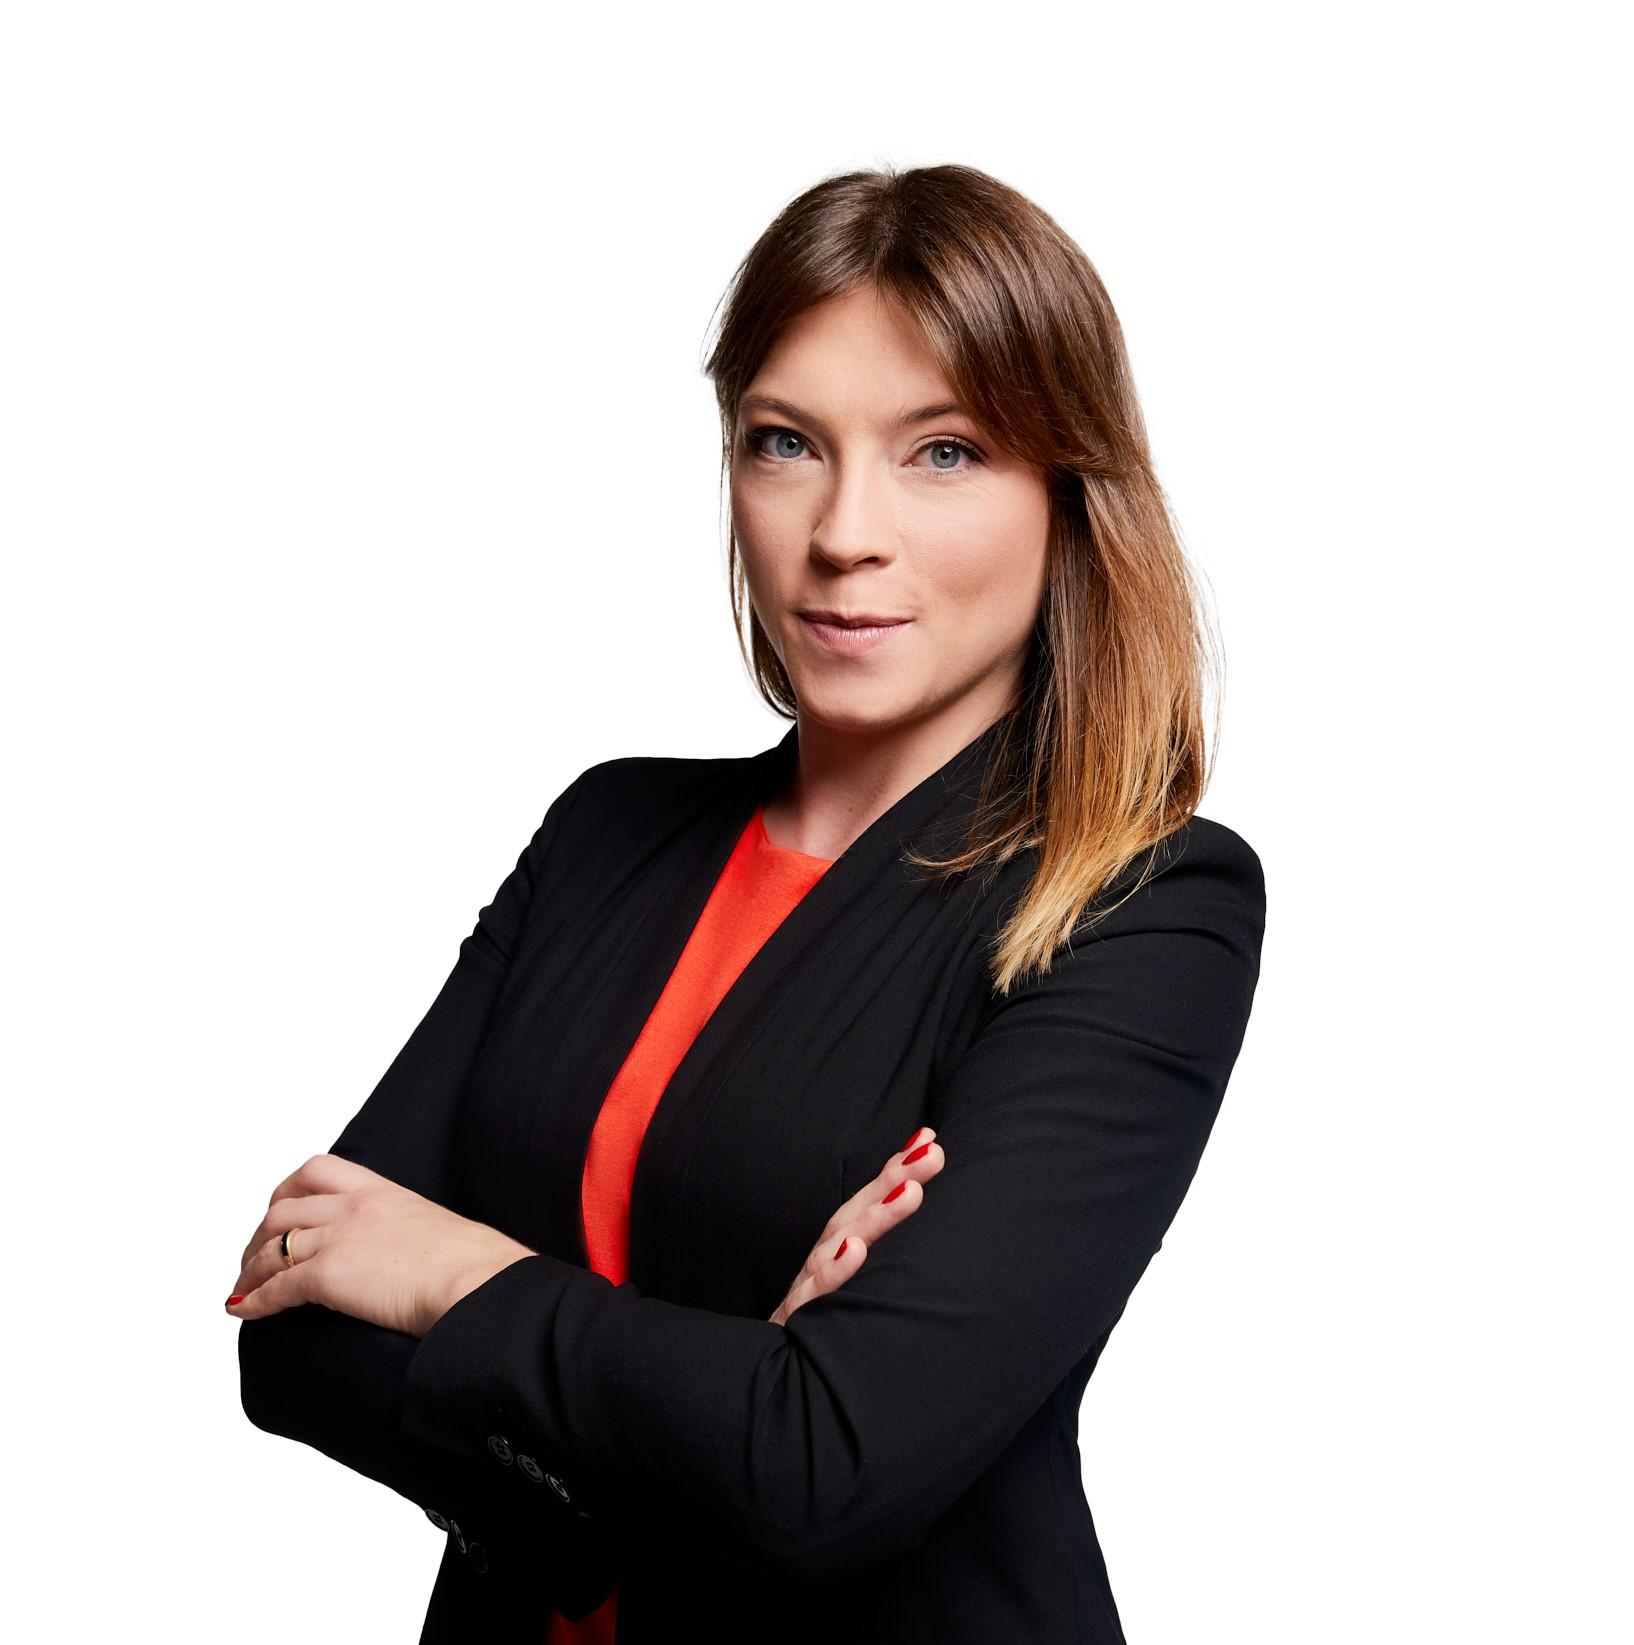 adw. Marta Korus